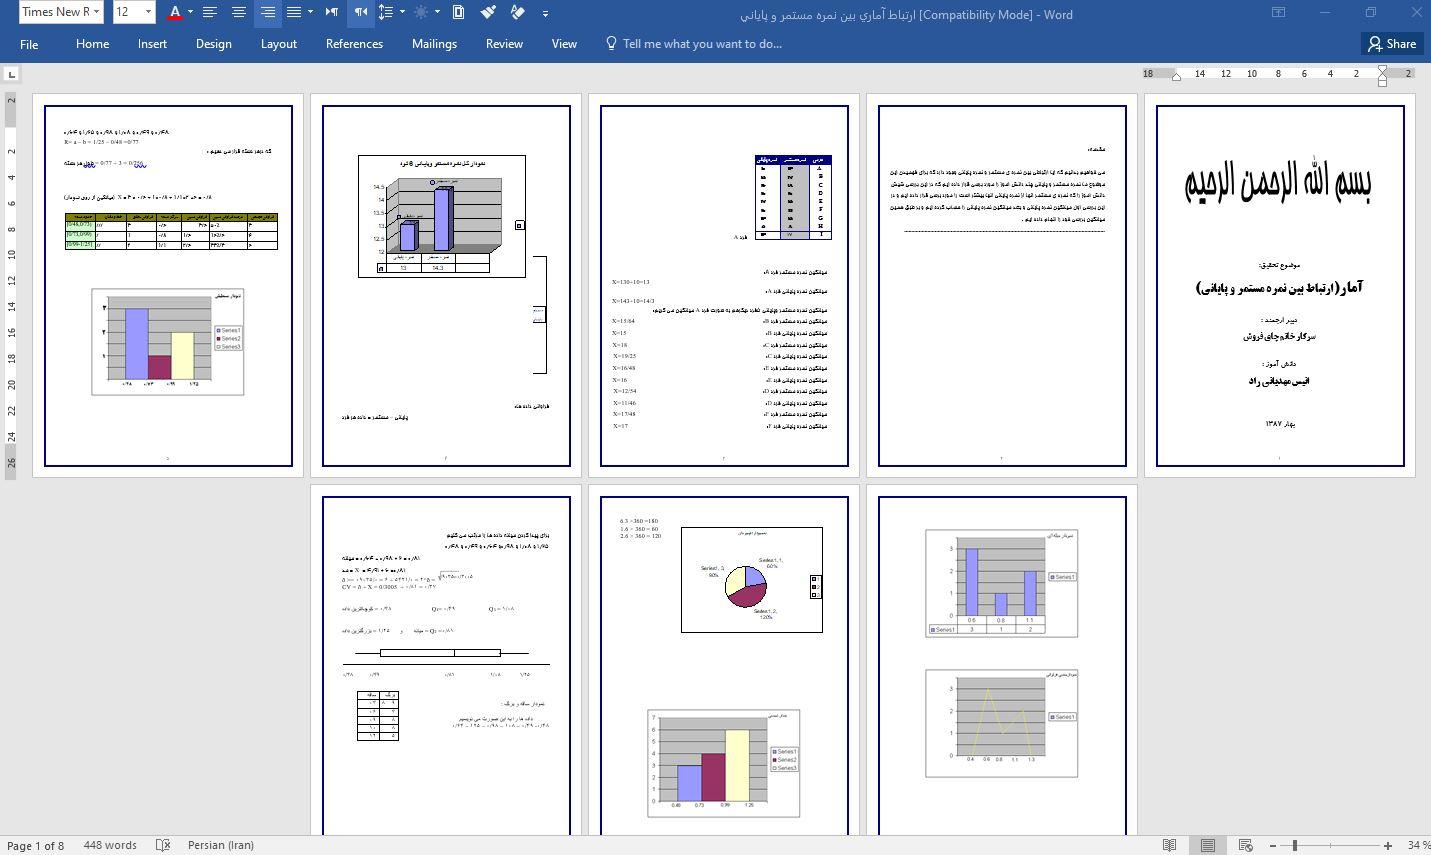 دانلود پروژه آمار ارتباط بین نمره مستمر و پایانی